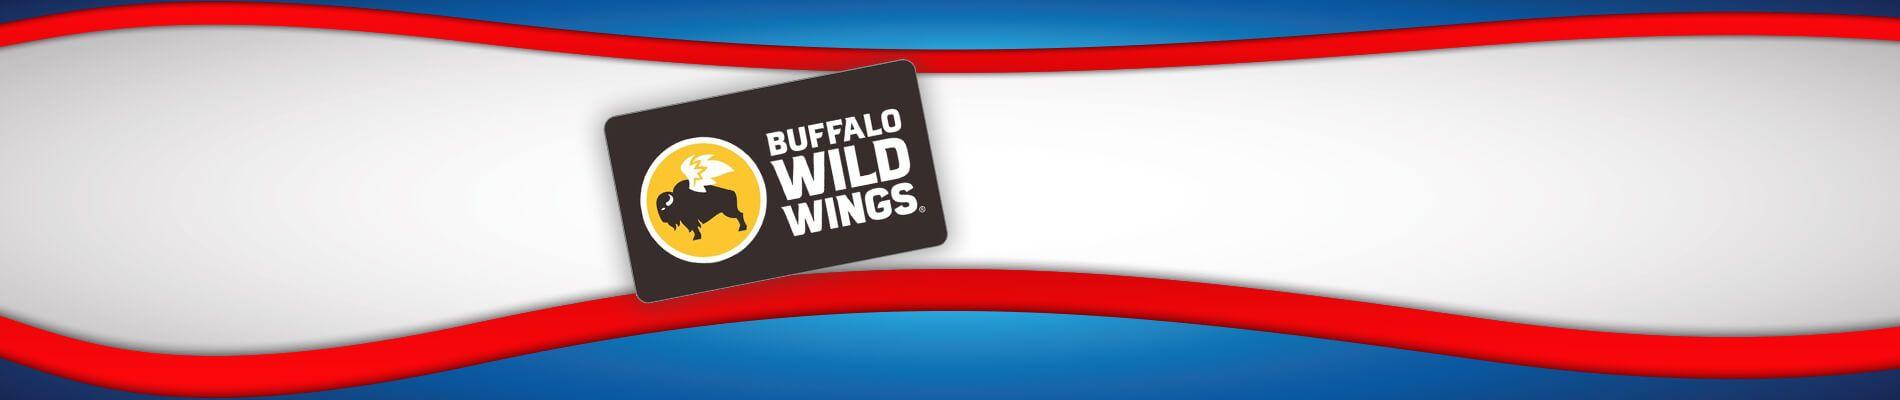 Buffalo Wild Wings eGift Card Sale